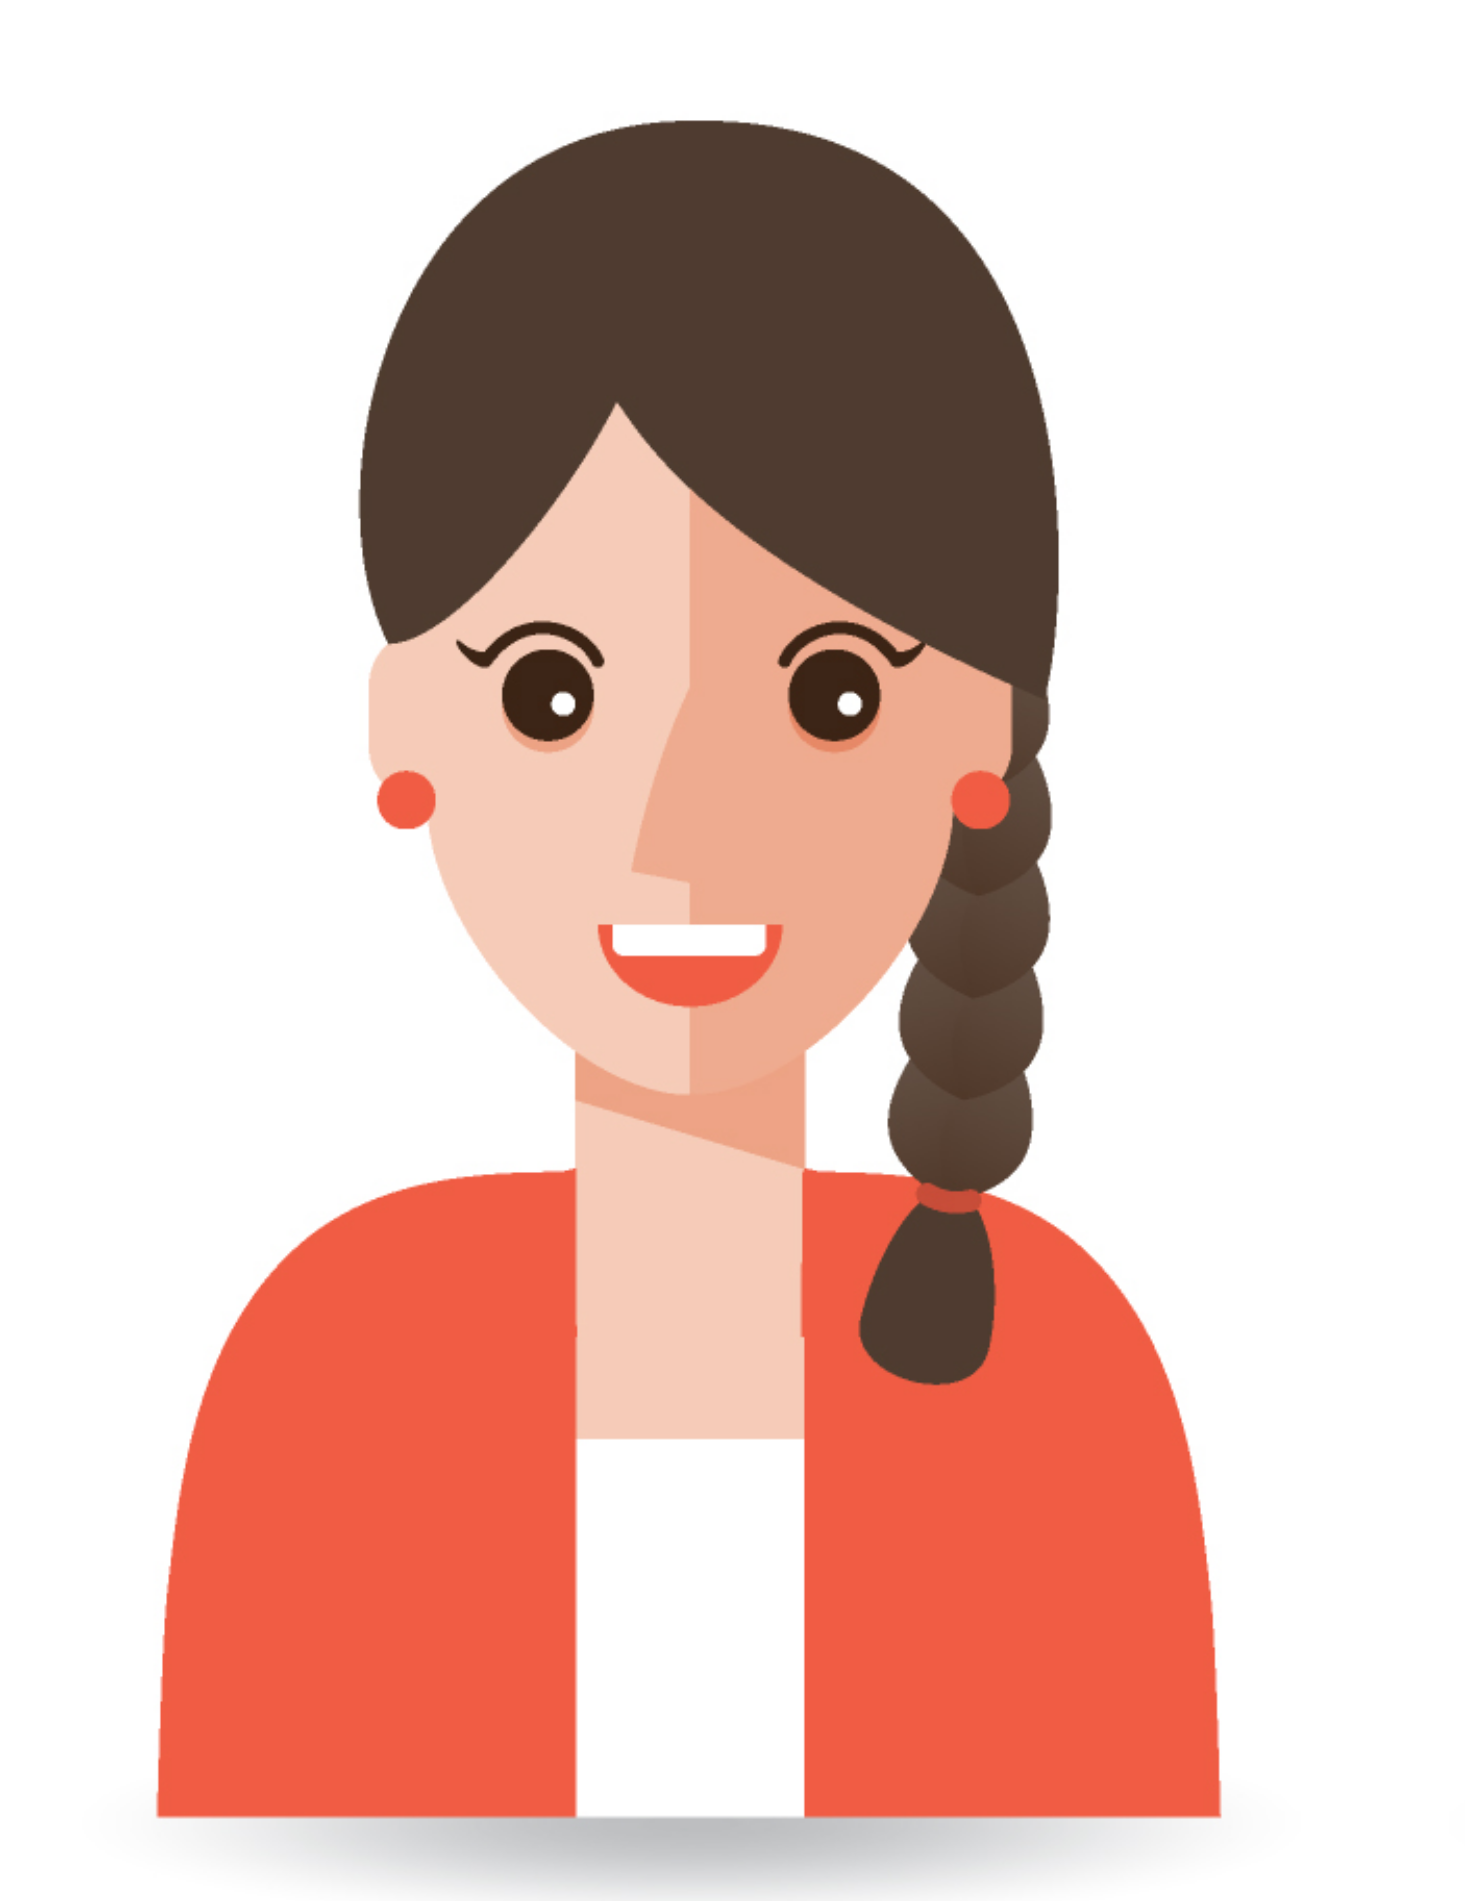 BDO szkolenie online dla początkujących